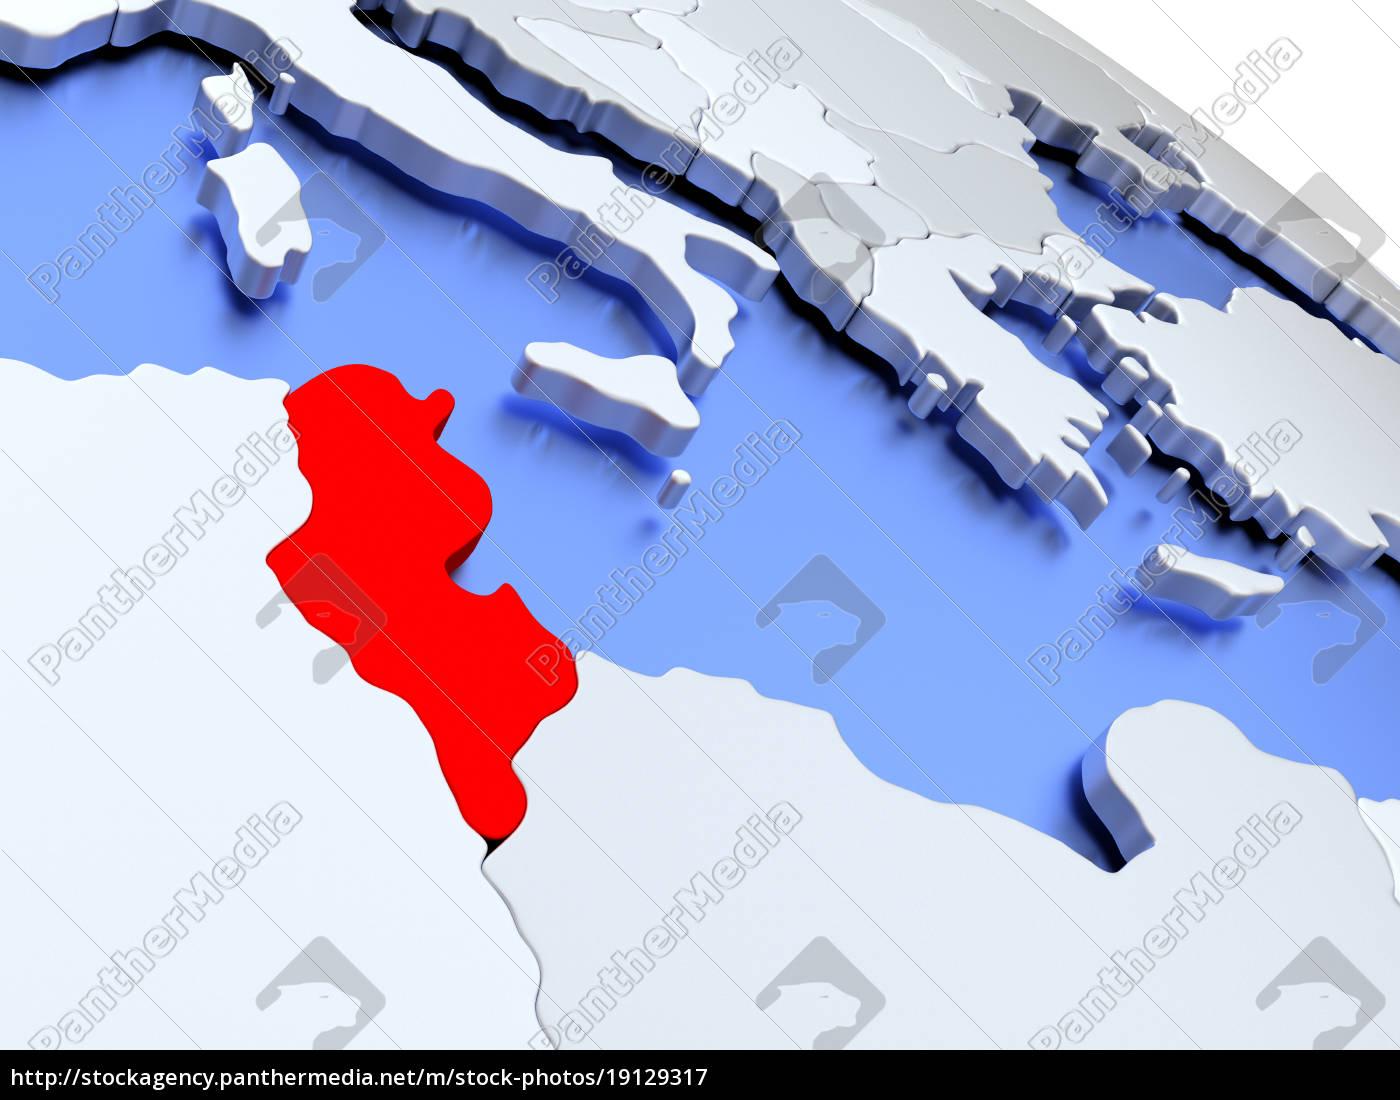 tunisia, on, world, map - 19129317